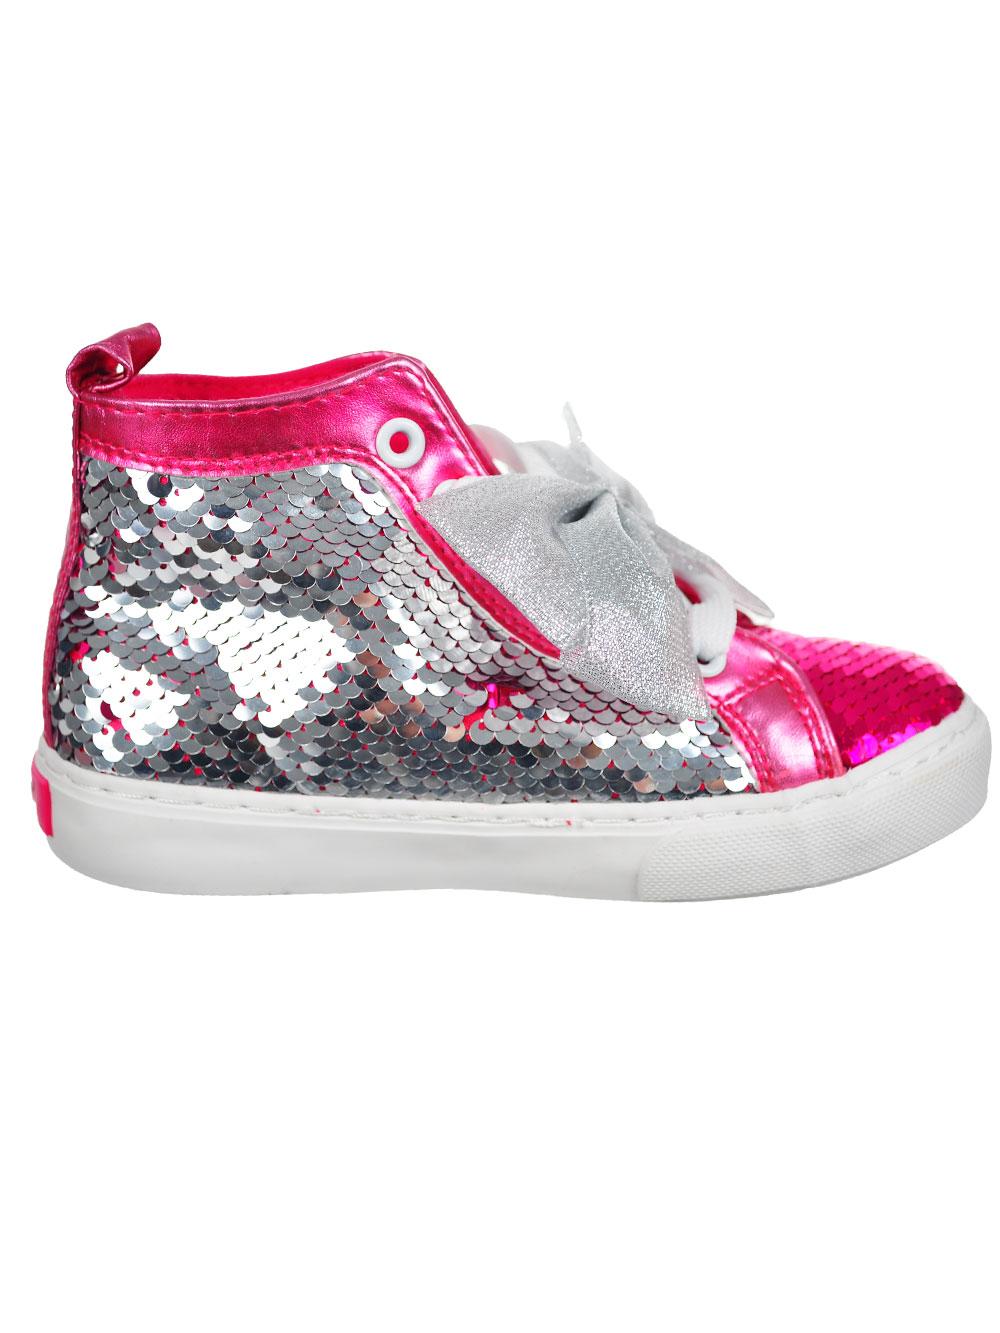 JoJo Siwa Flip Sequin Sneakers Shoes